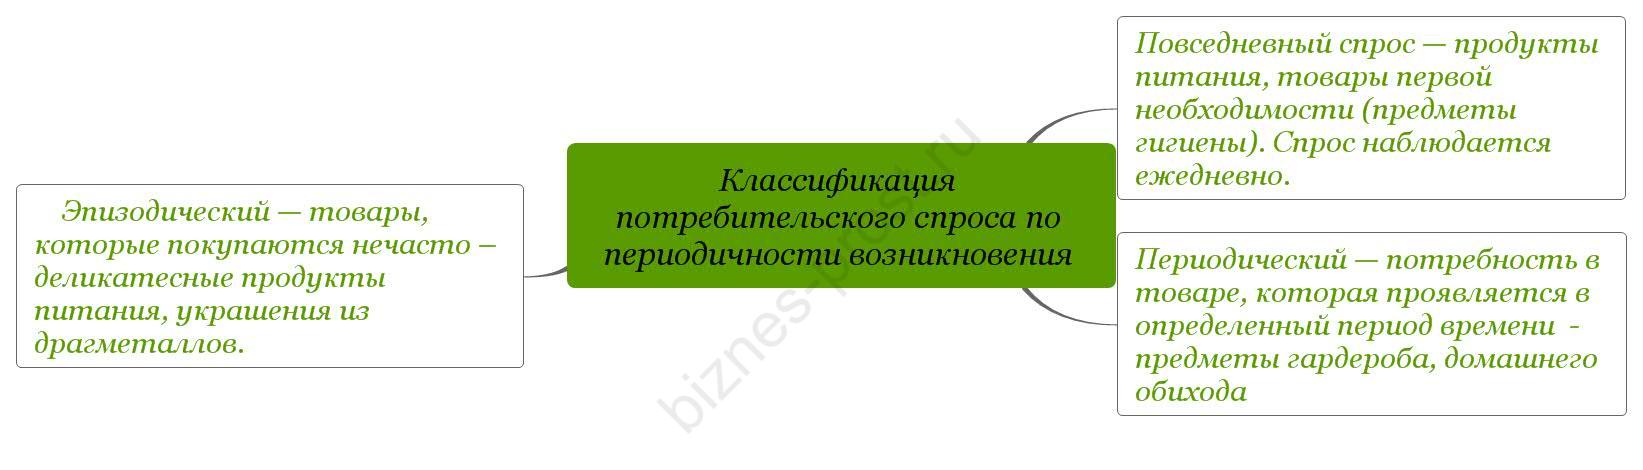 Классификация потребительского спроса по периодичности возникновения